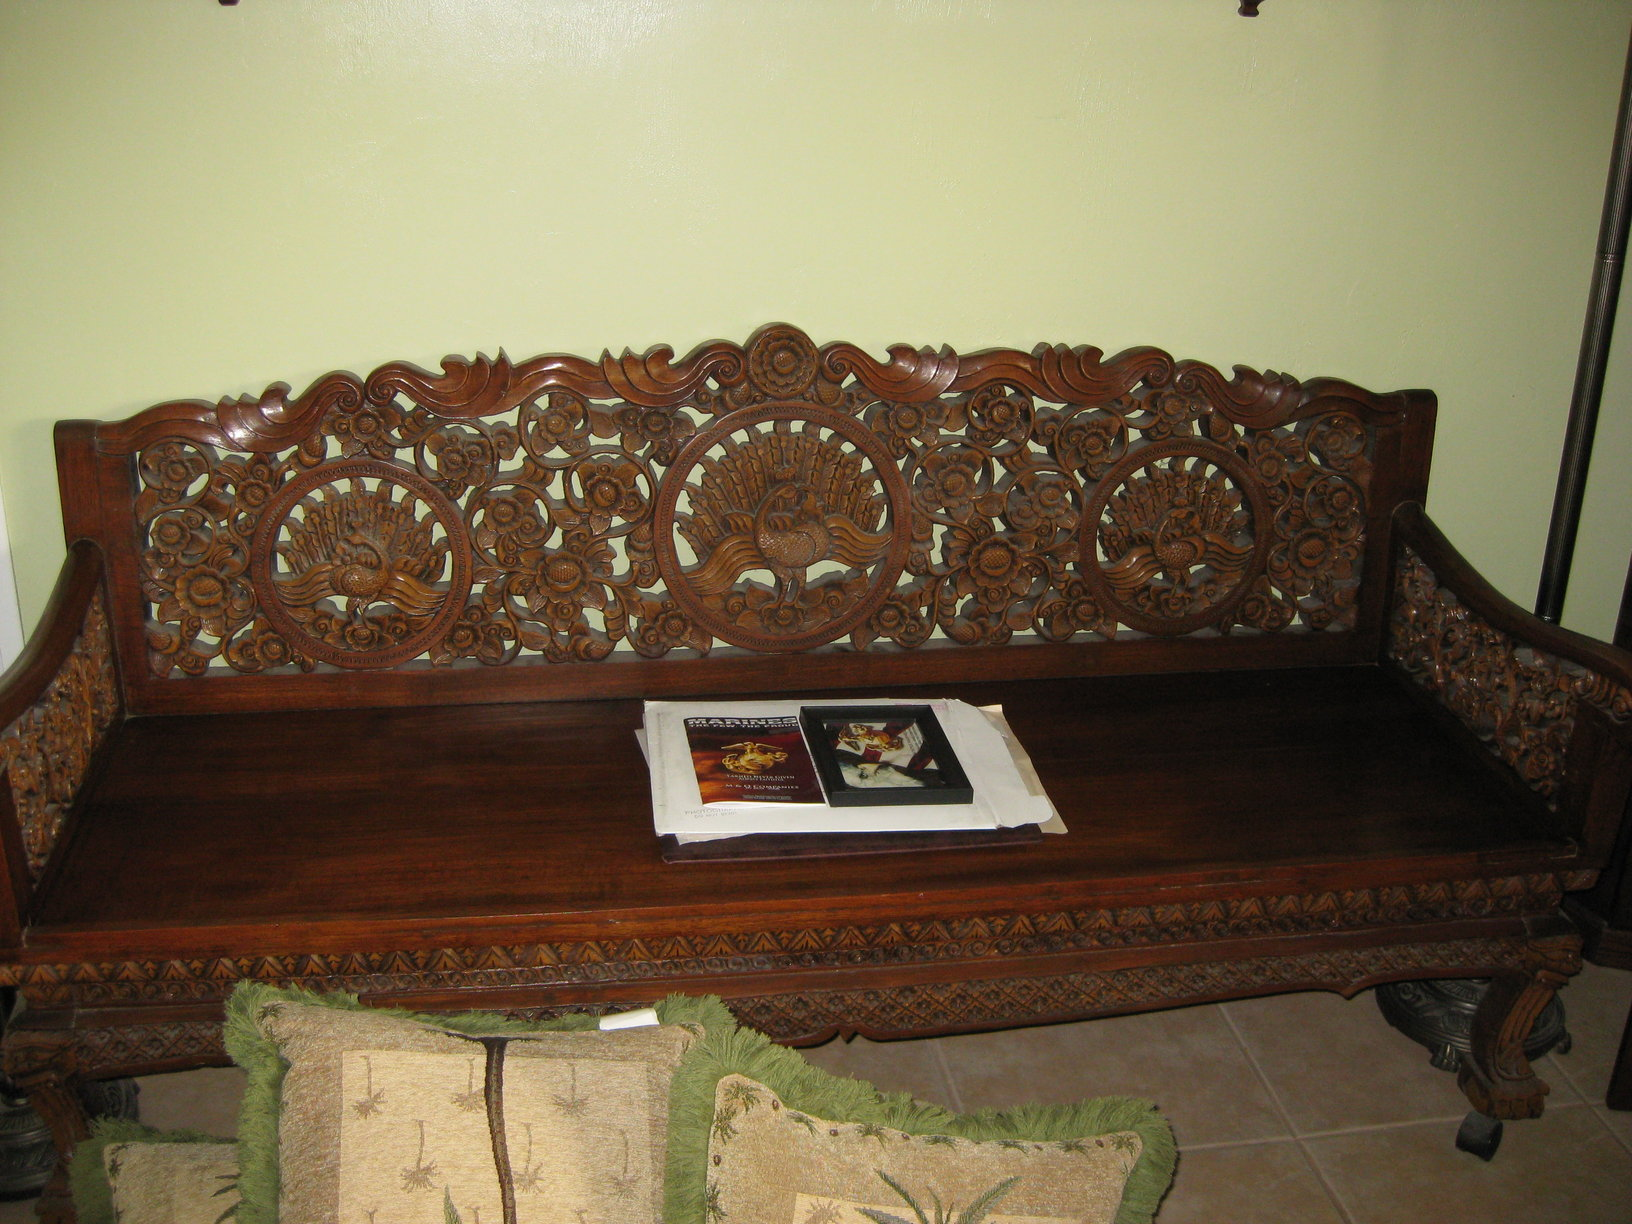 Hand Carved Teak Furniture From Vietnam Thailand Antique